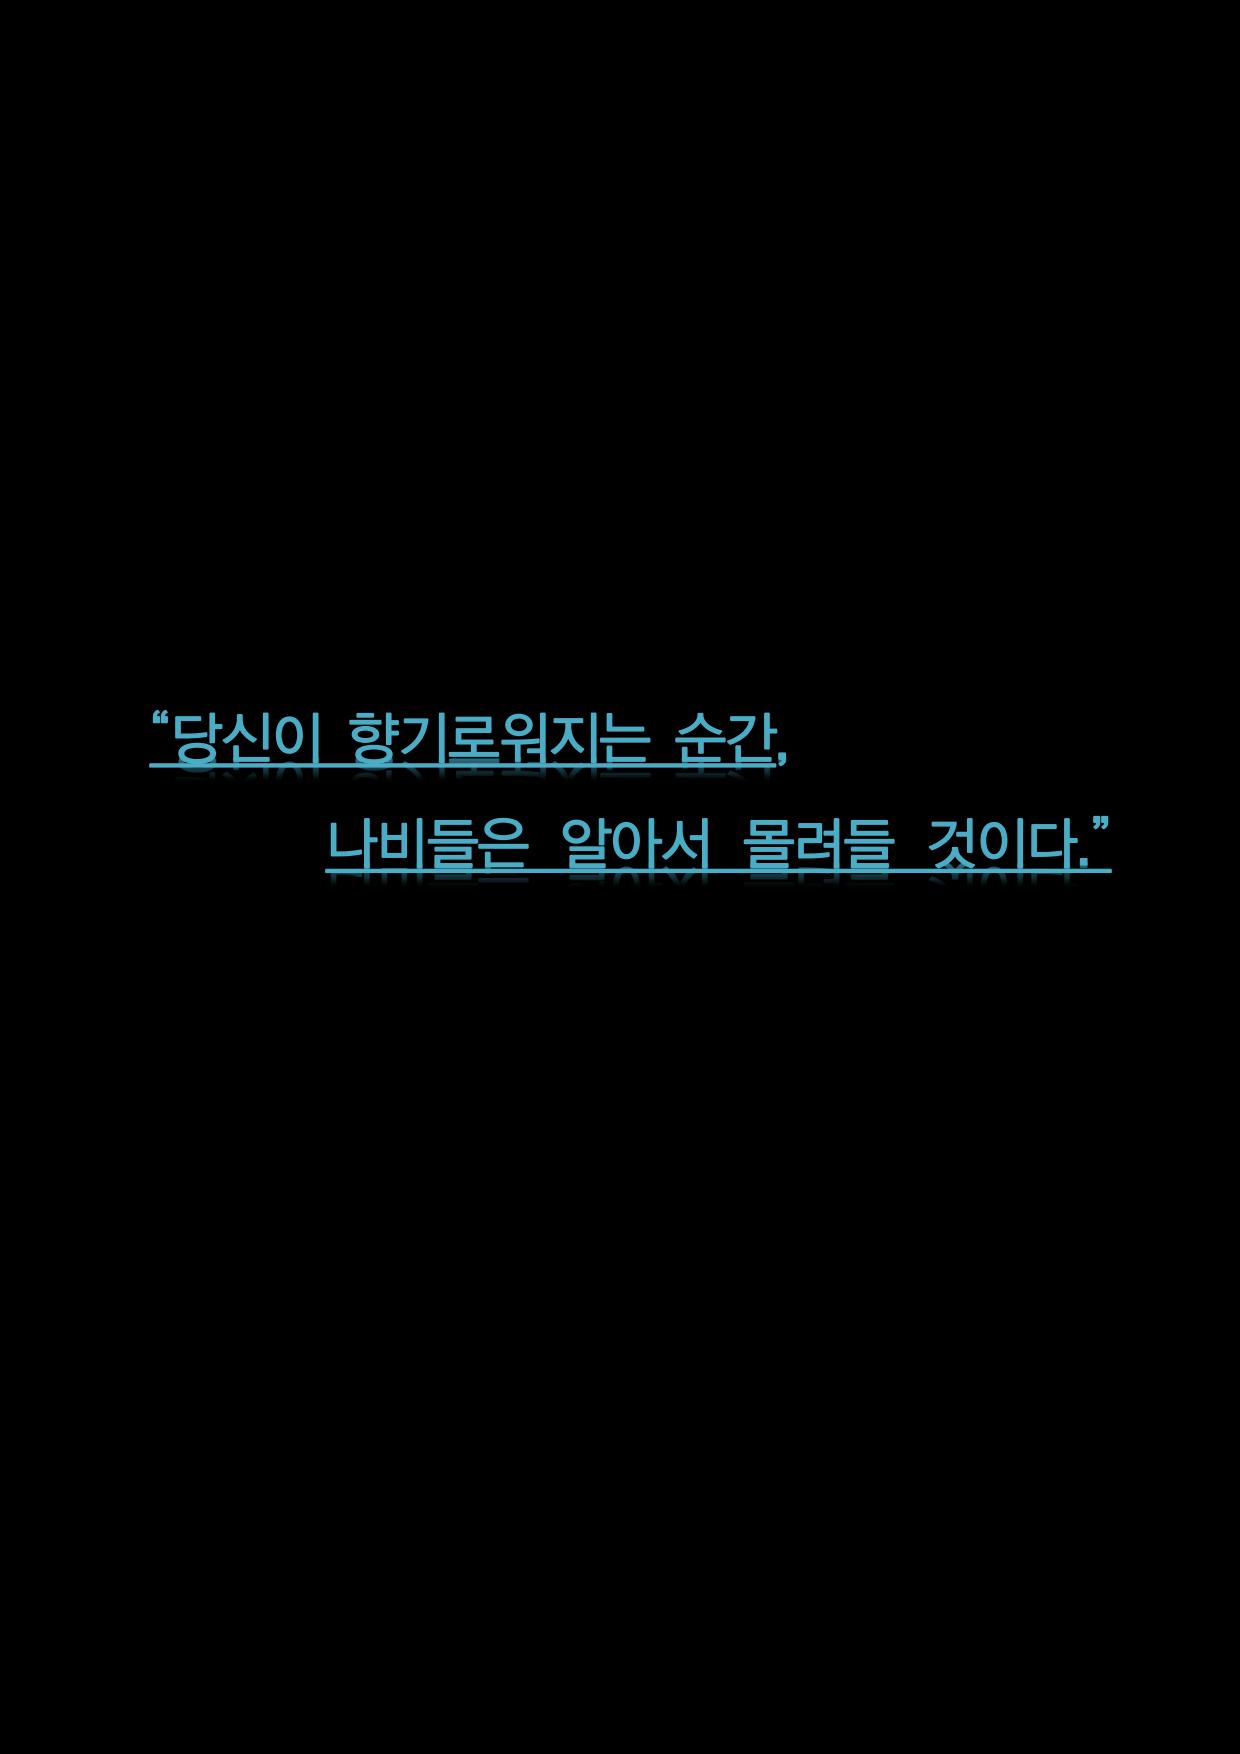 본 머티리어 1회차 홍보글 v3(수강후기 따로 편집요함)_15.png